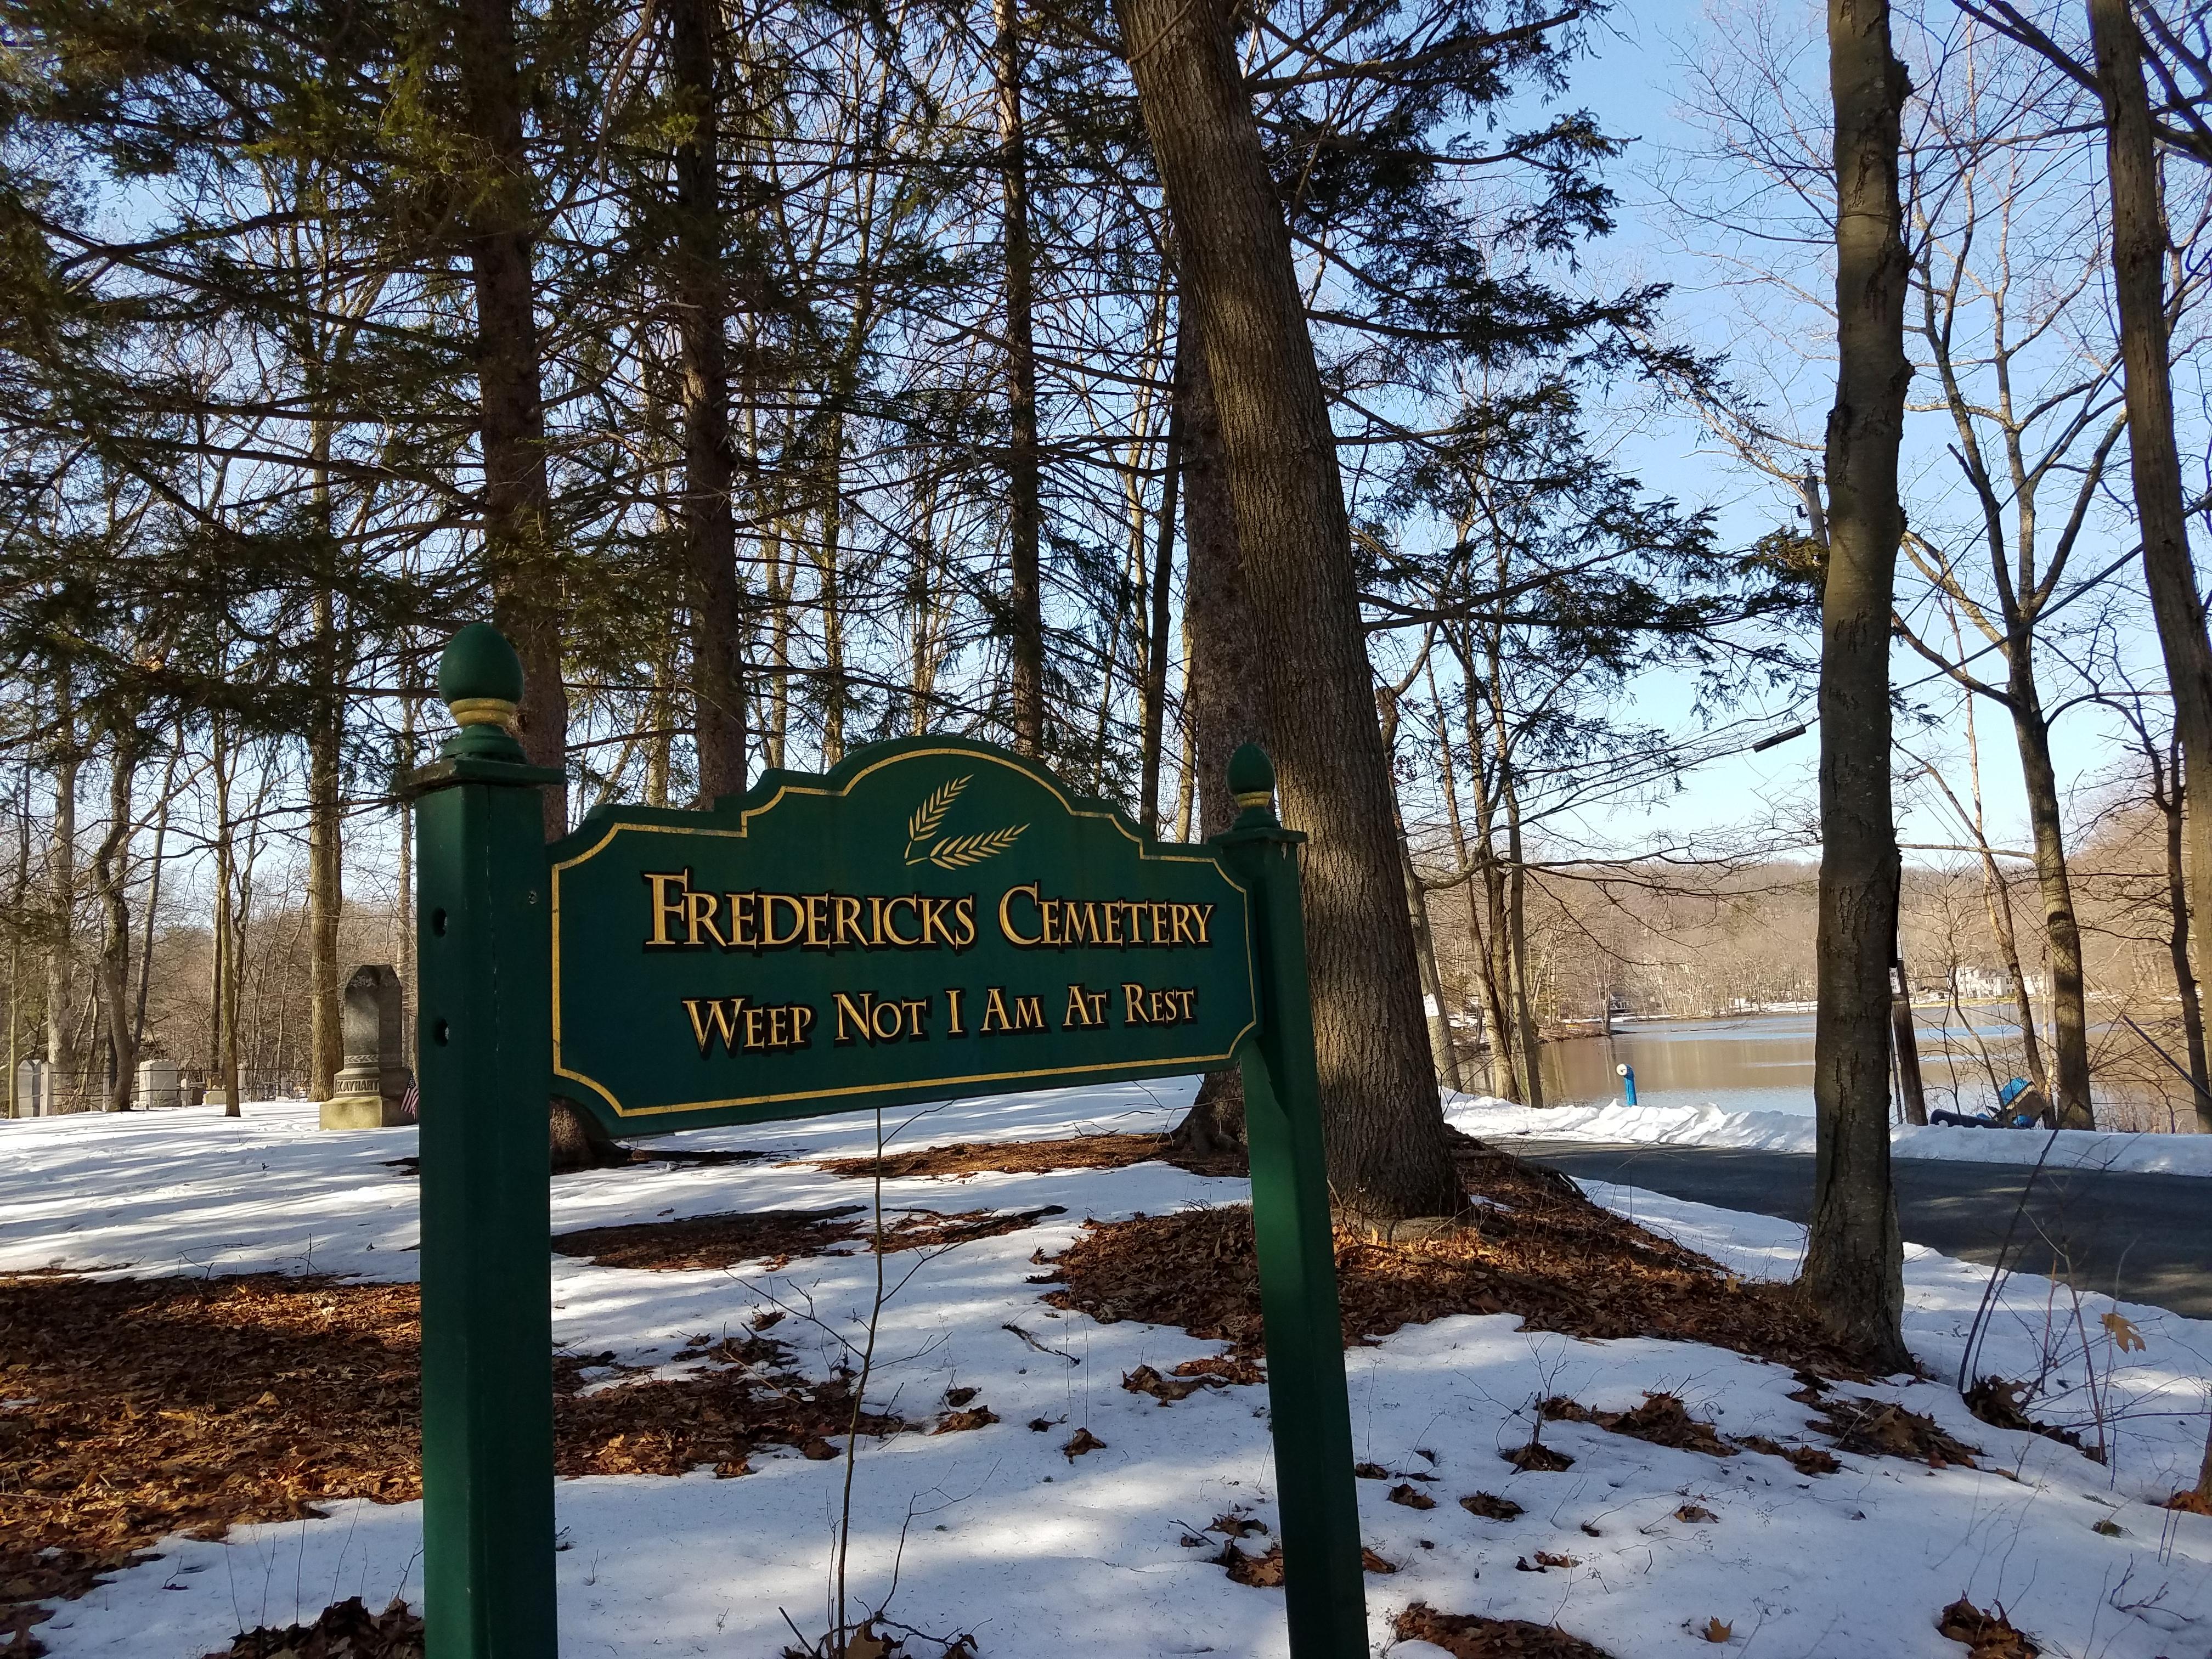 Fredericks Cemetery